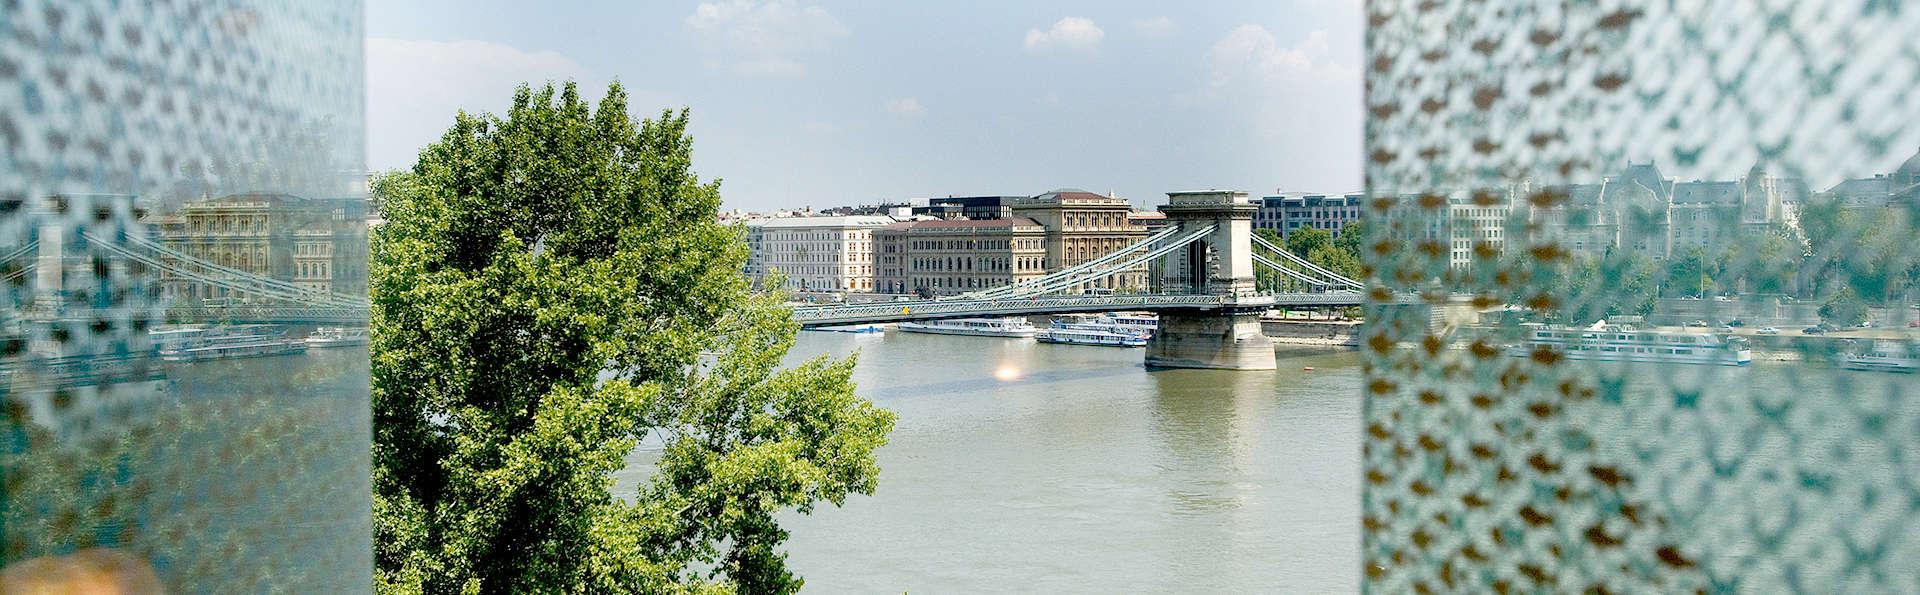 Ontdek Boedapest met een prachtig uitzicht over de Donau